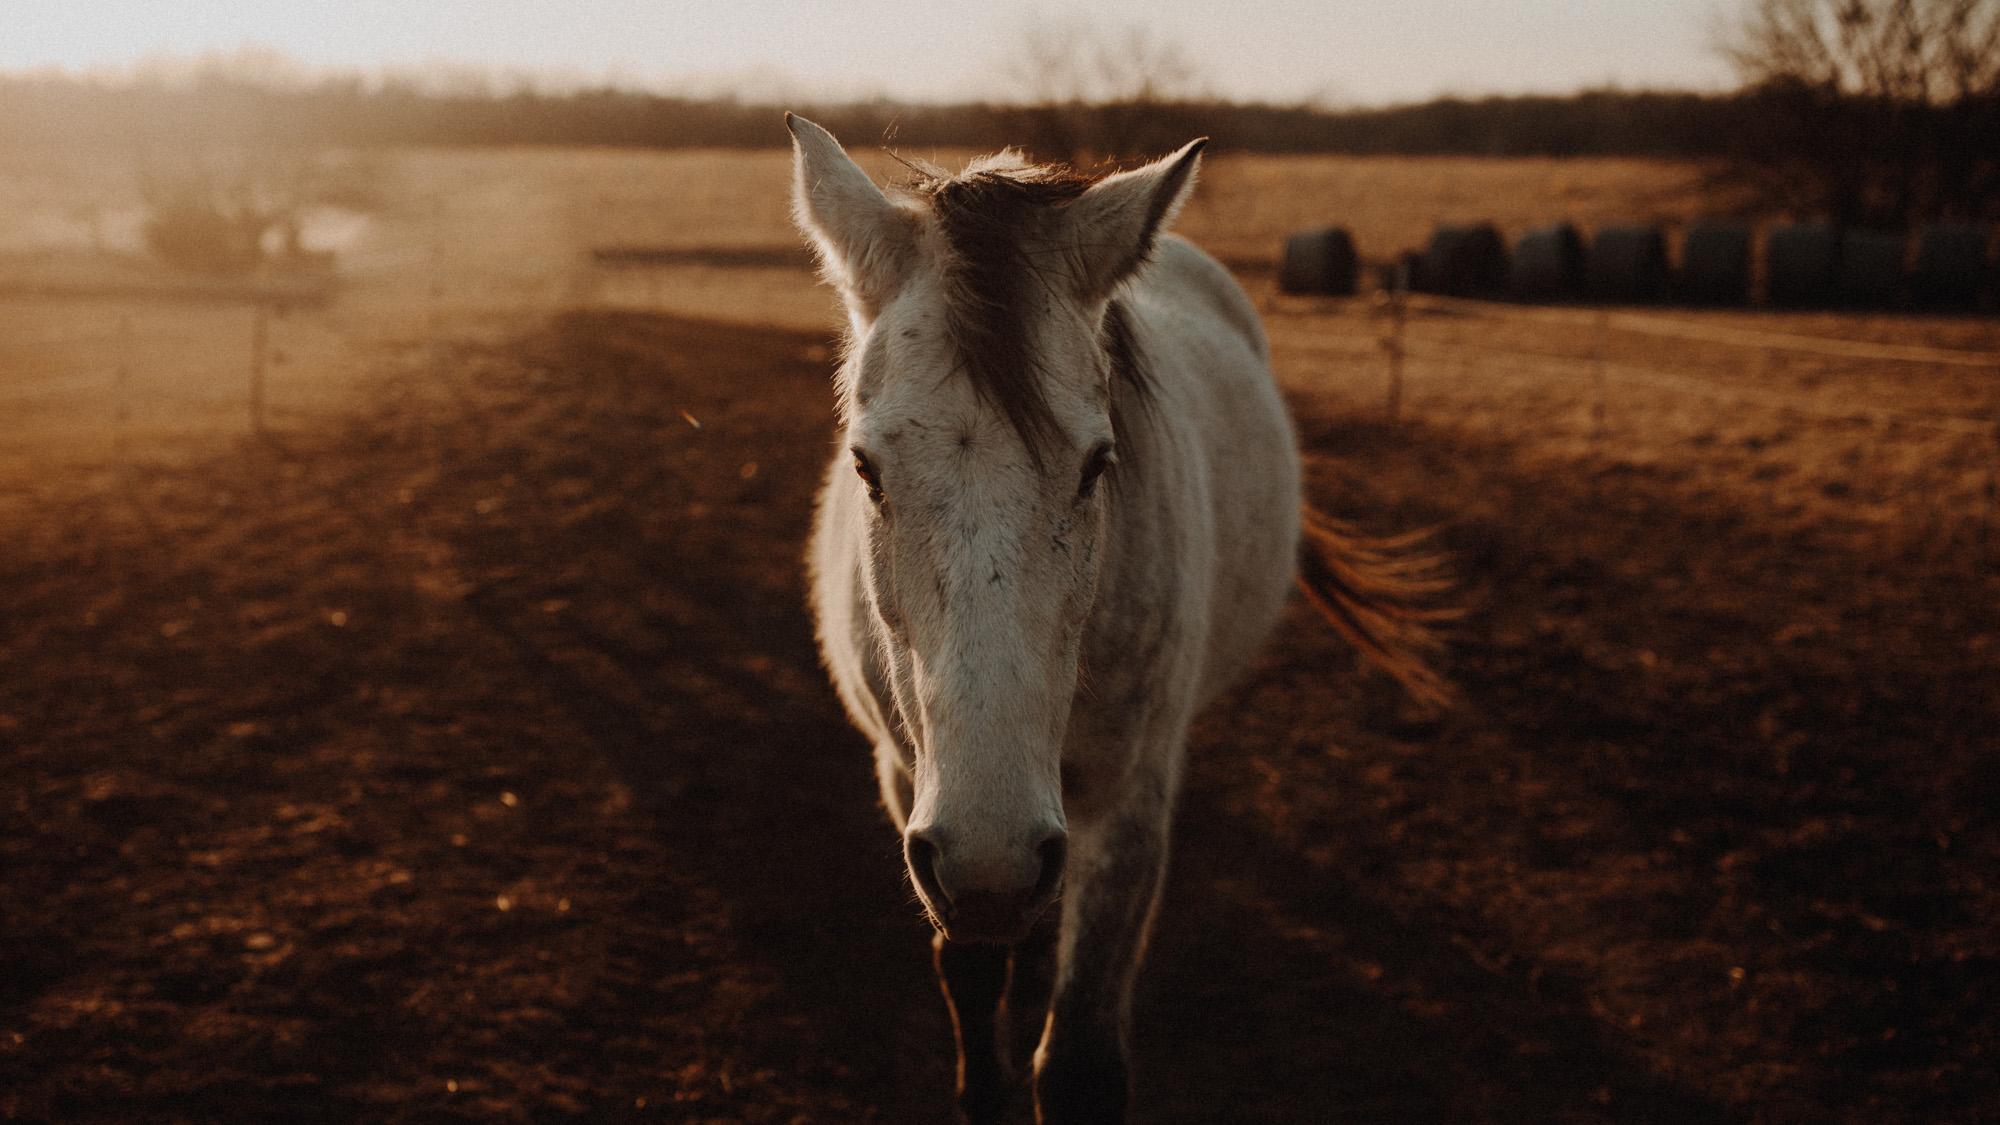 alec_vanderboom_horses_online-0022.jpg